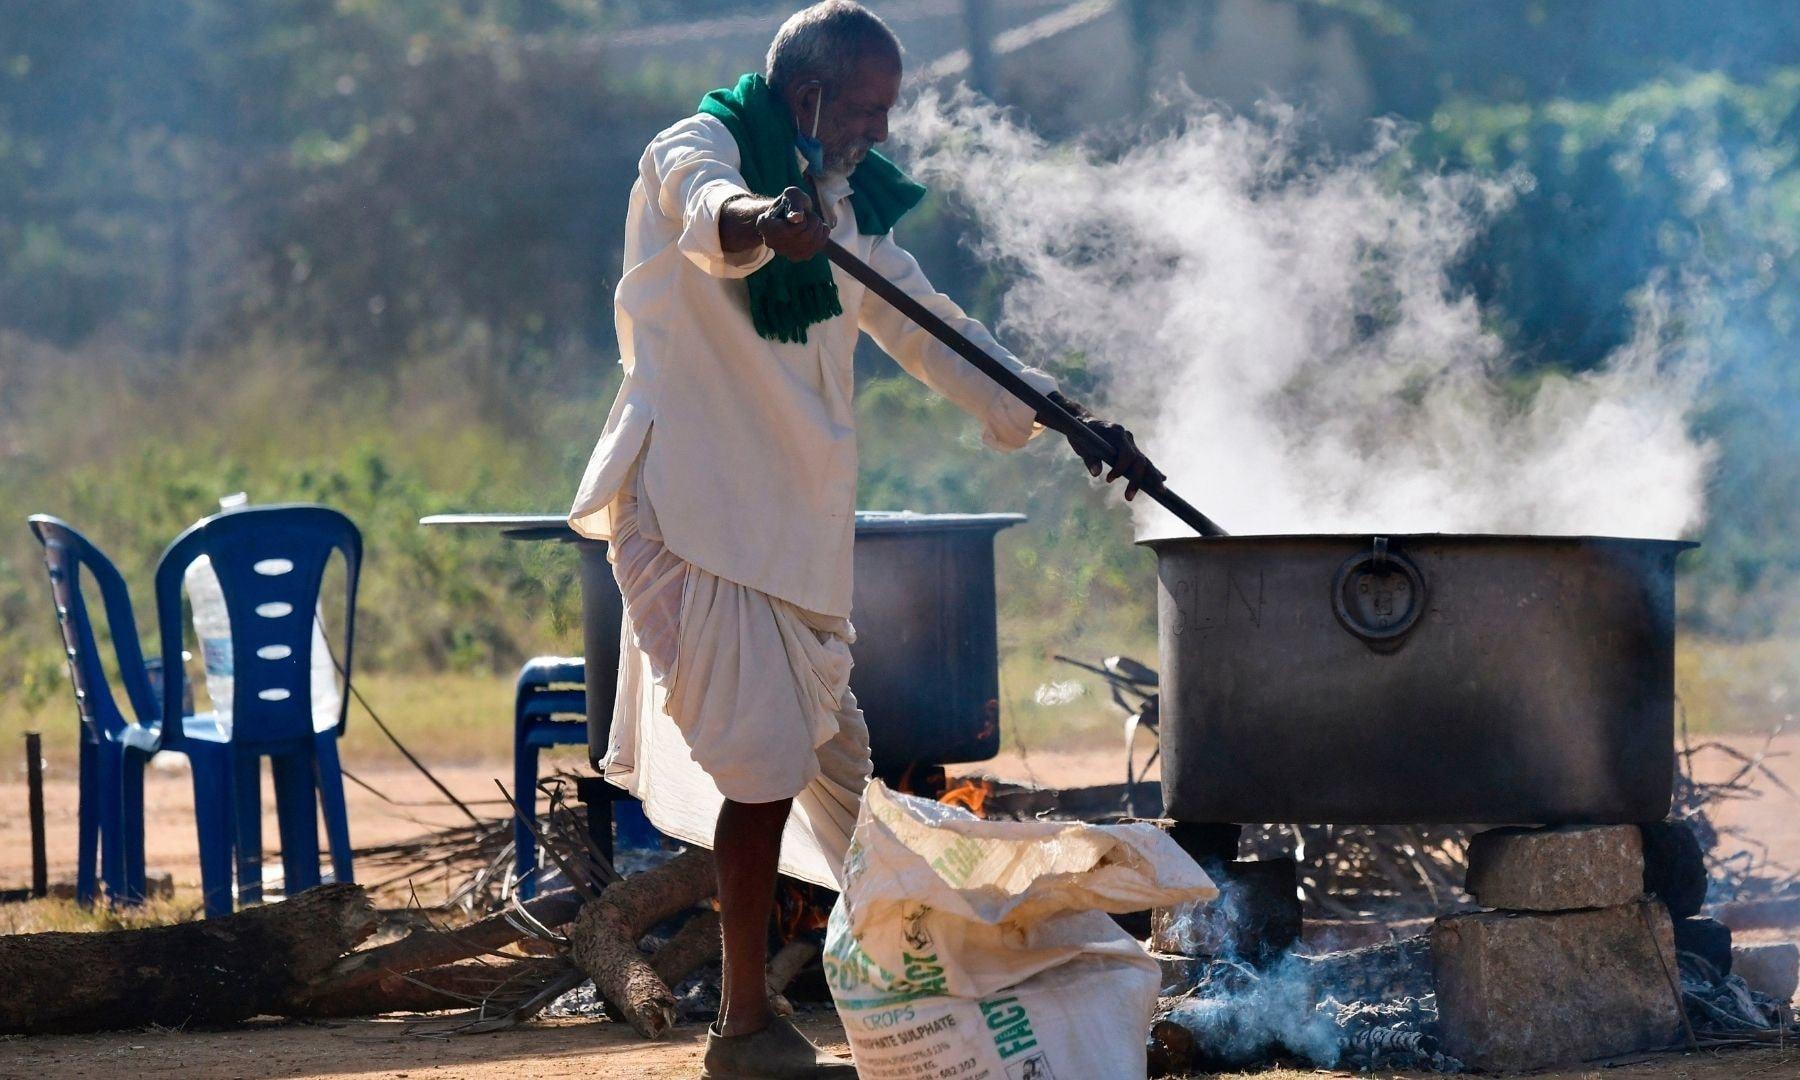 مظاہرین کے لیے کھانے کے انتظامات بھی کیے گئے تھے — فوٹو: اے ایف پی